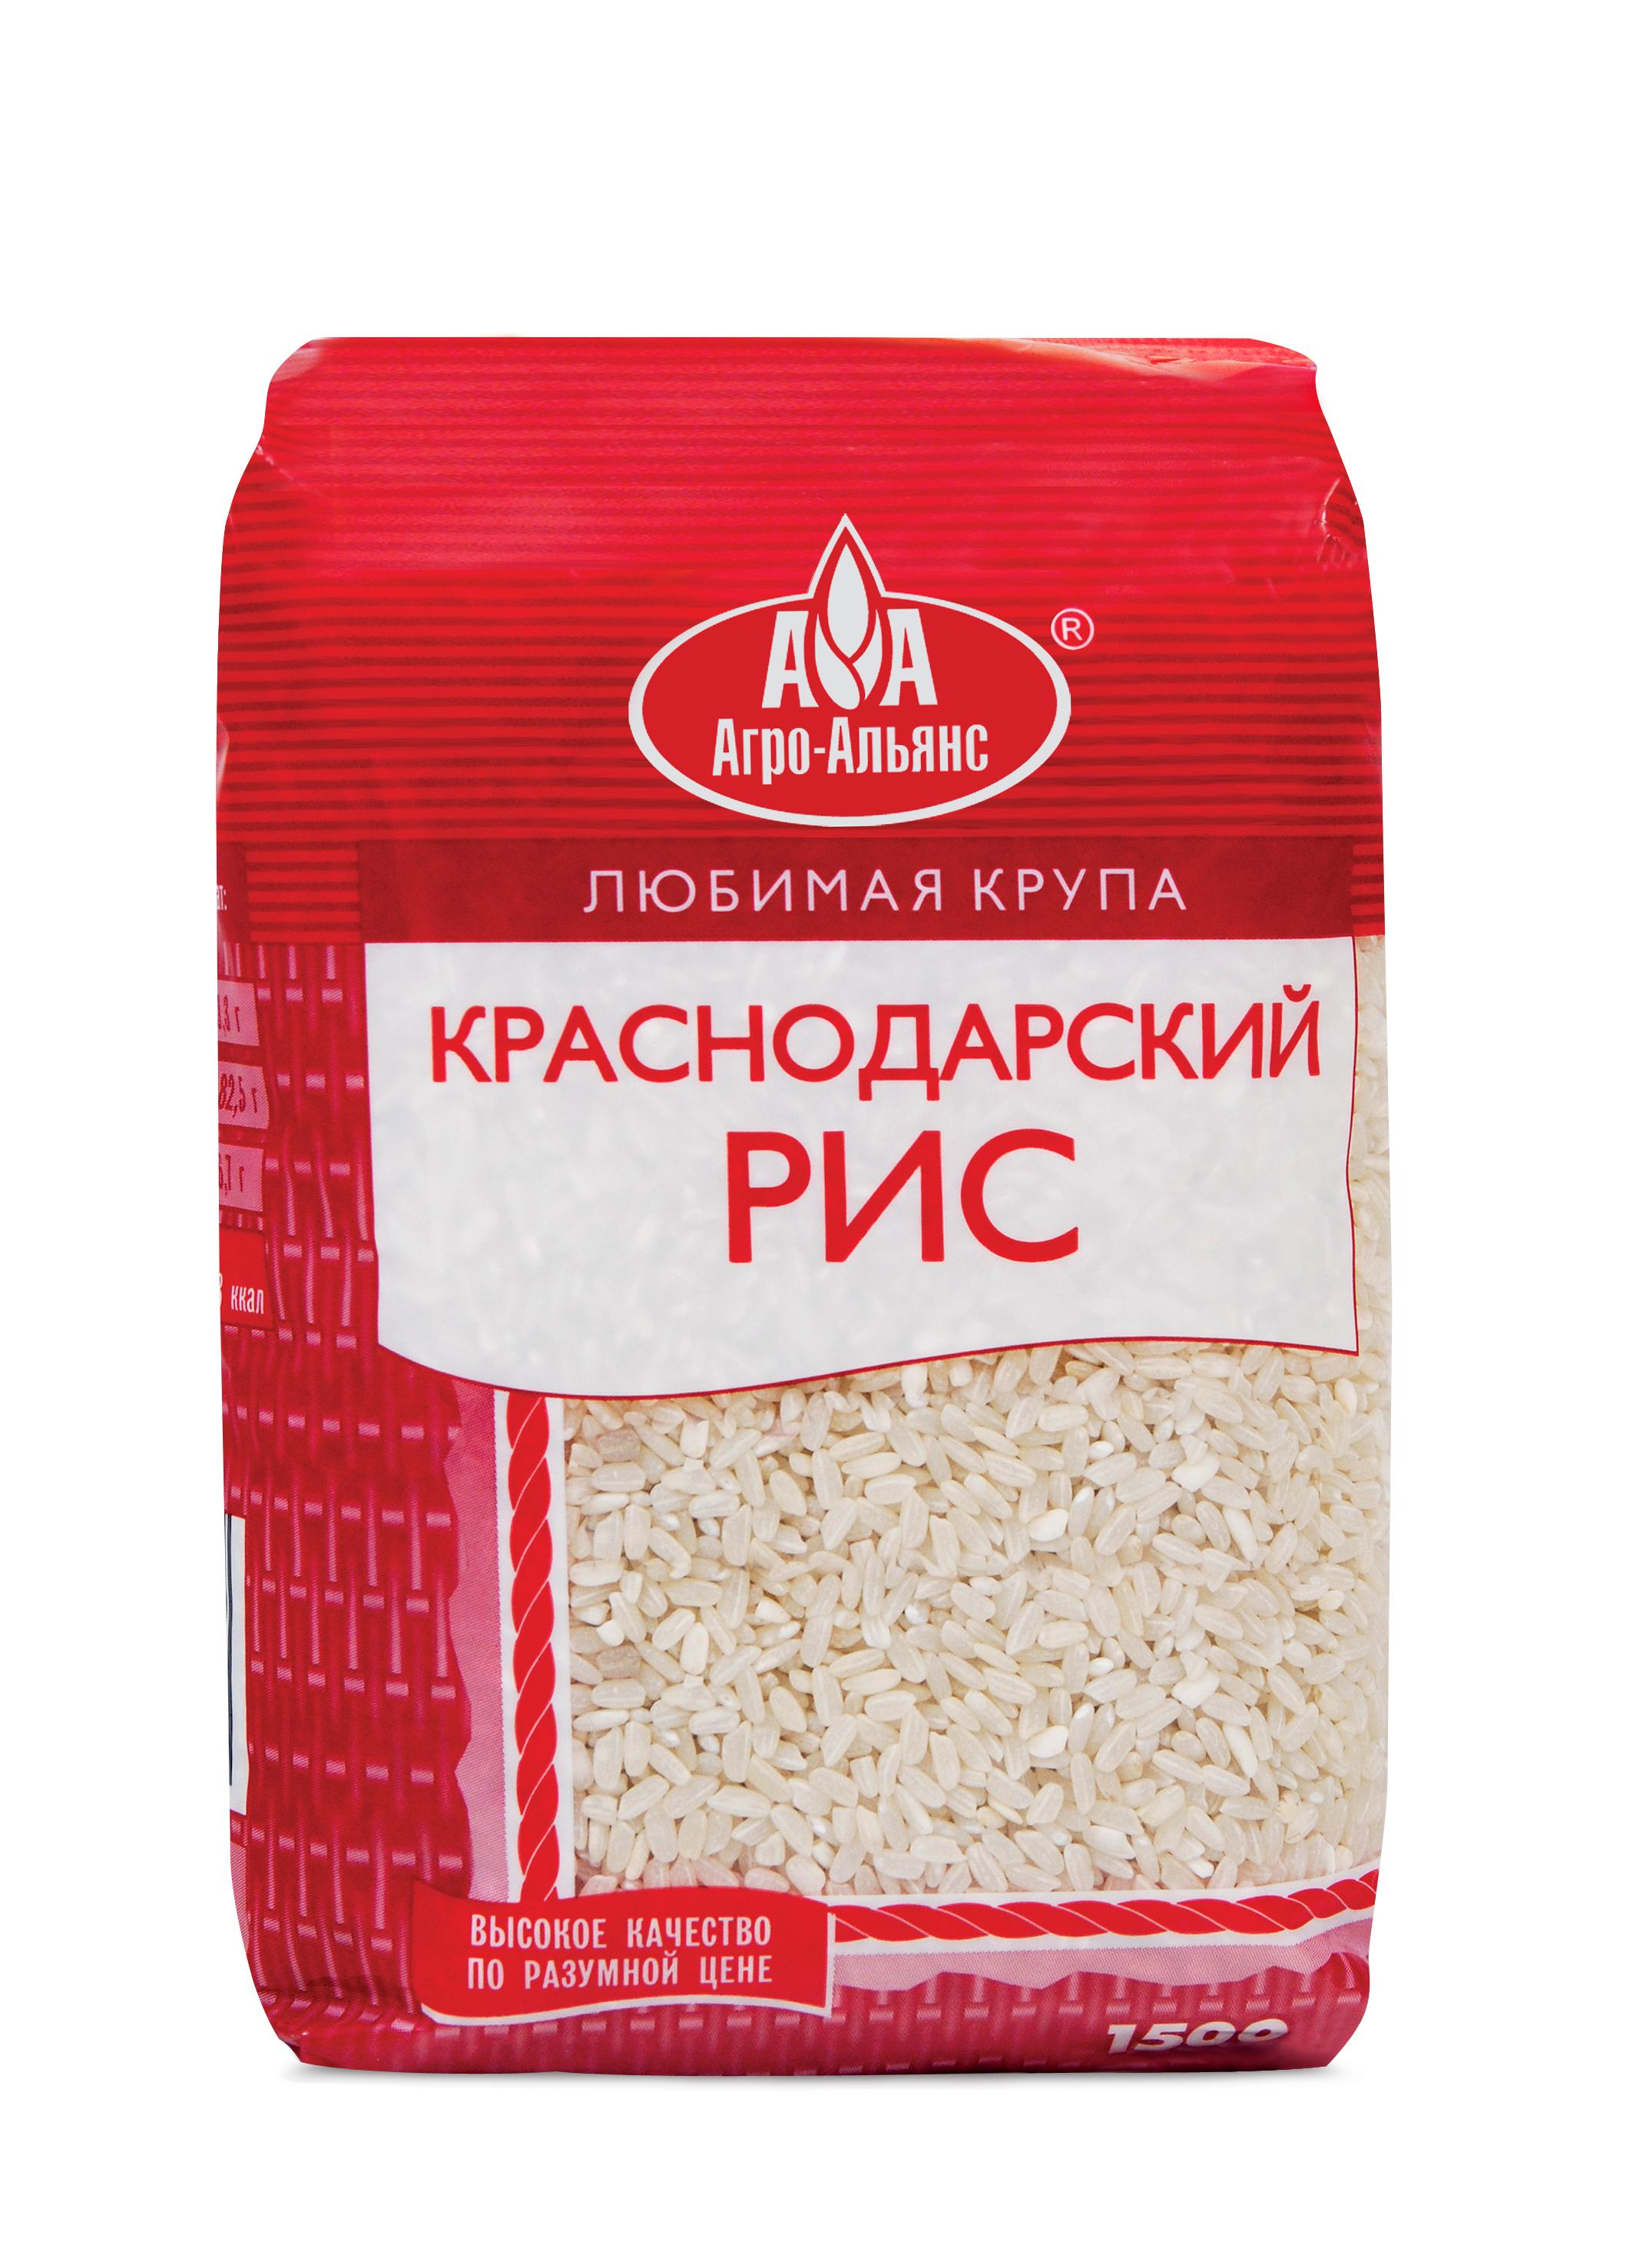 Рис Агро-Альянс Краснодарский, 1500 г